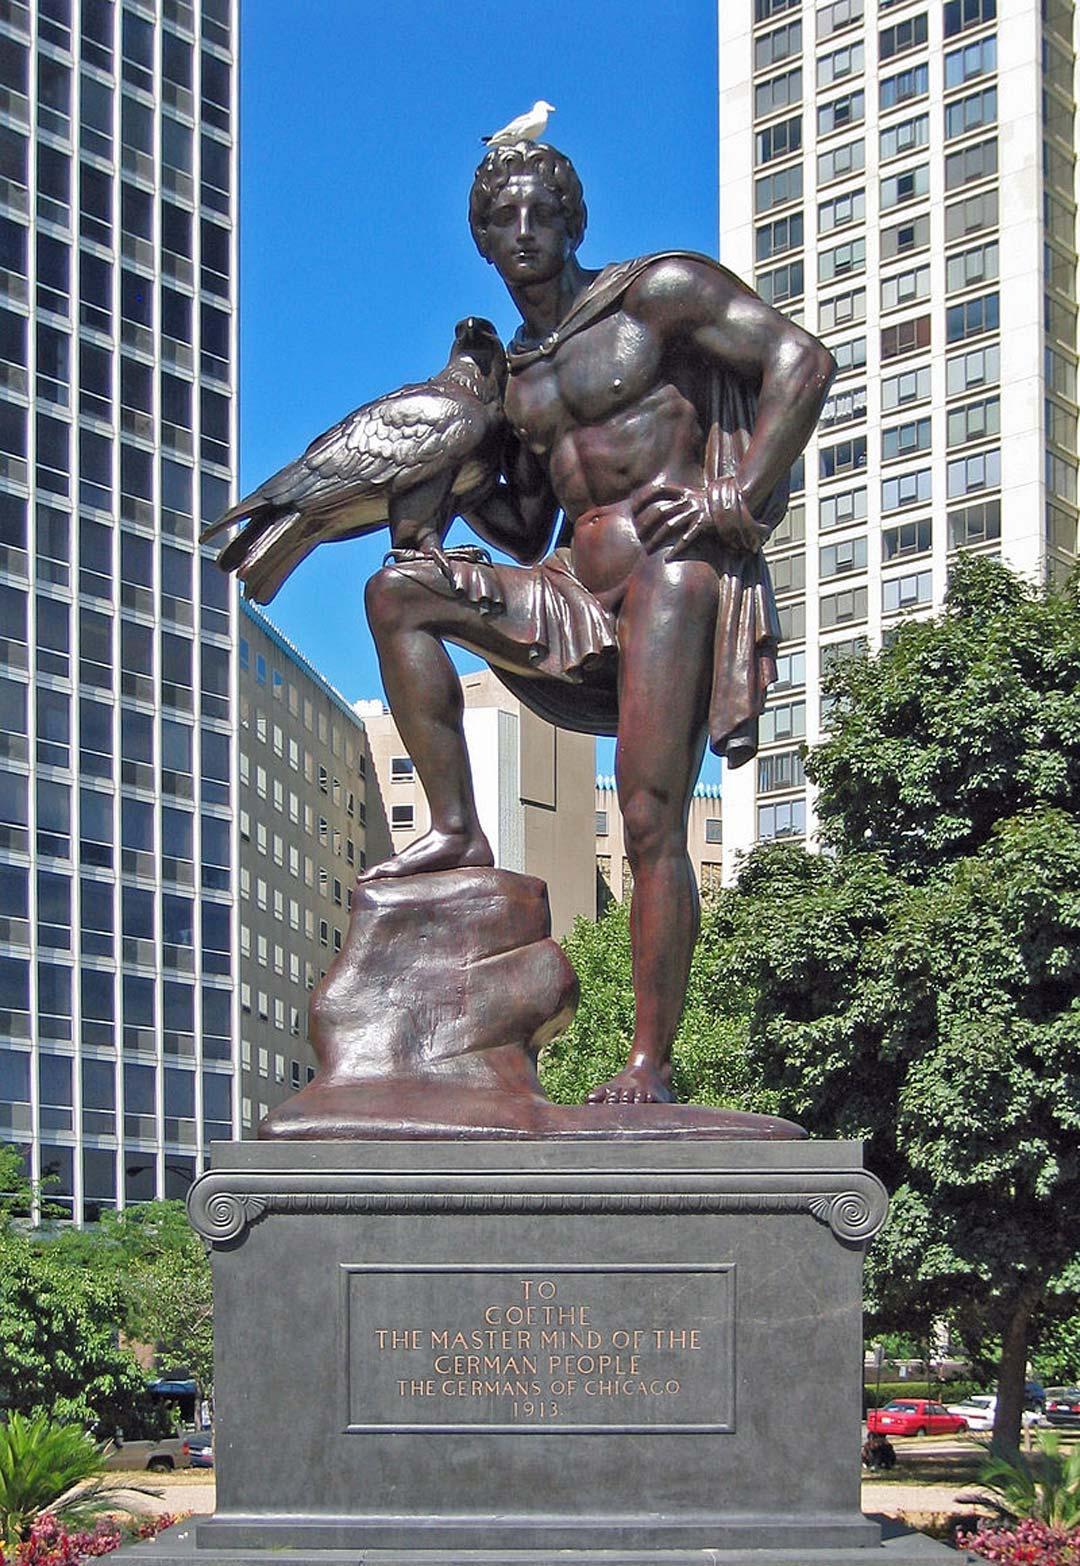 Zum Vergleich: Die Goethe-Statue in Chicago